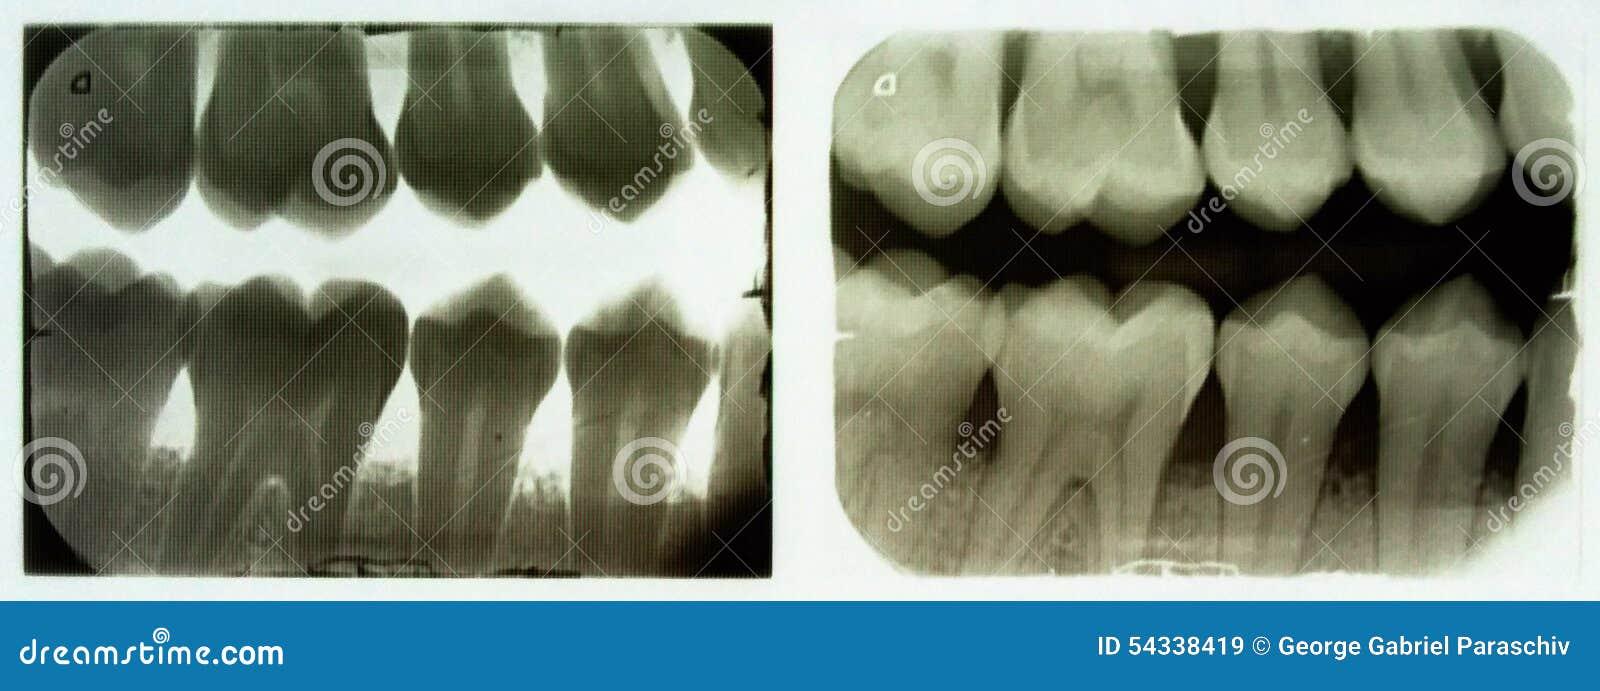 Raio X dental